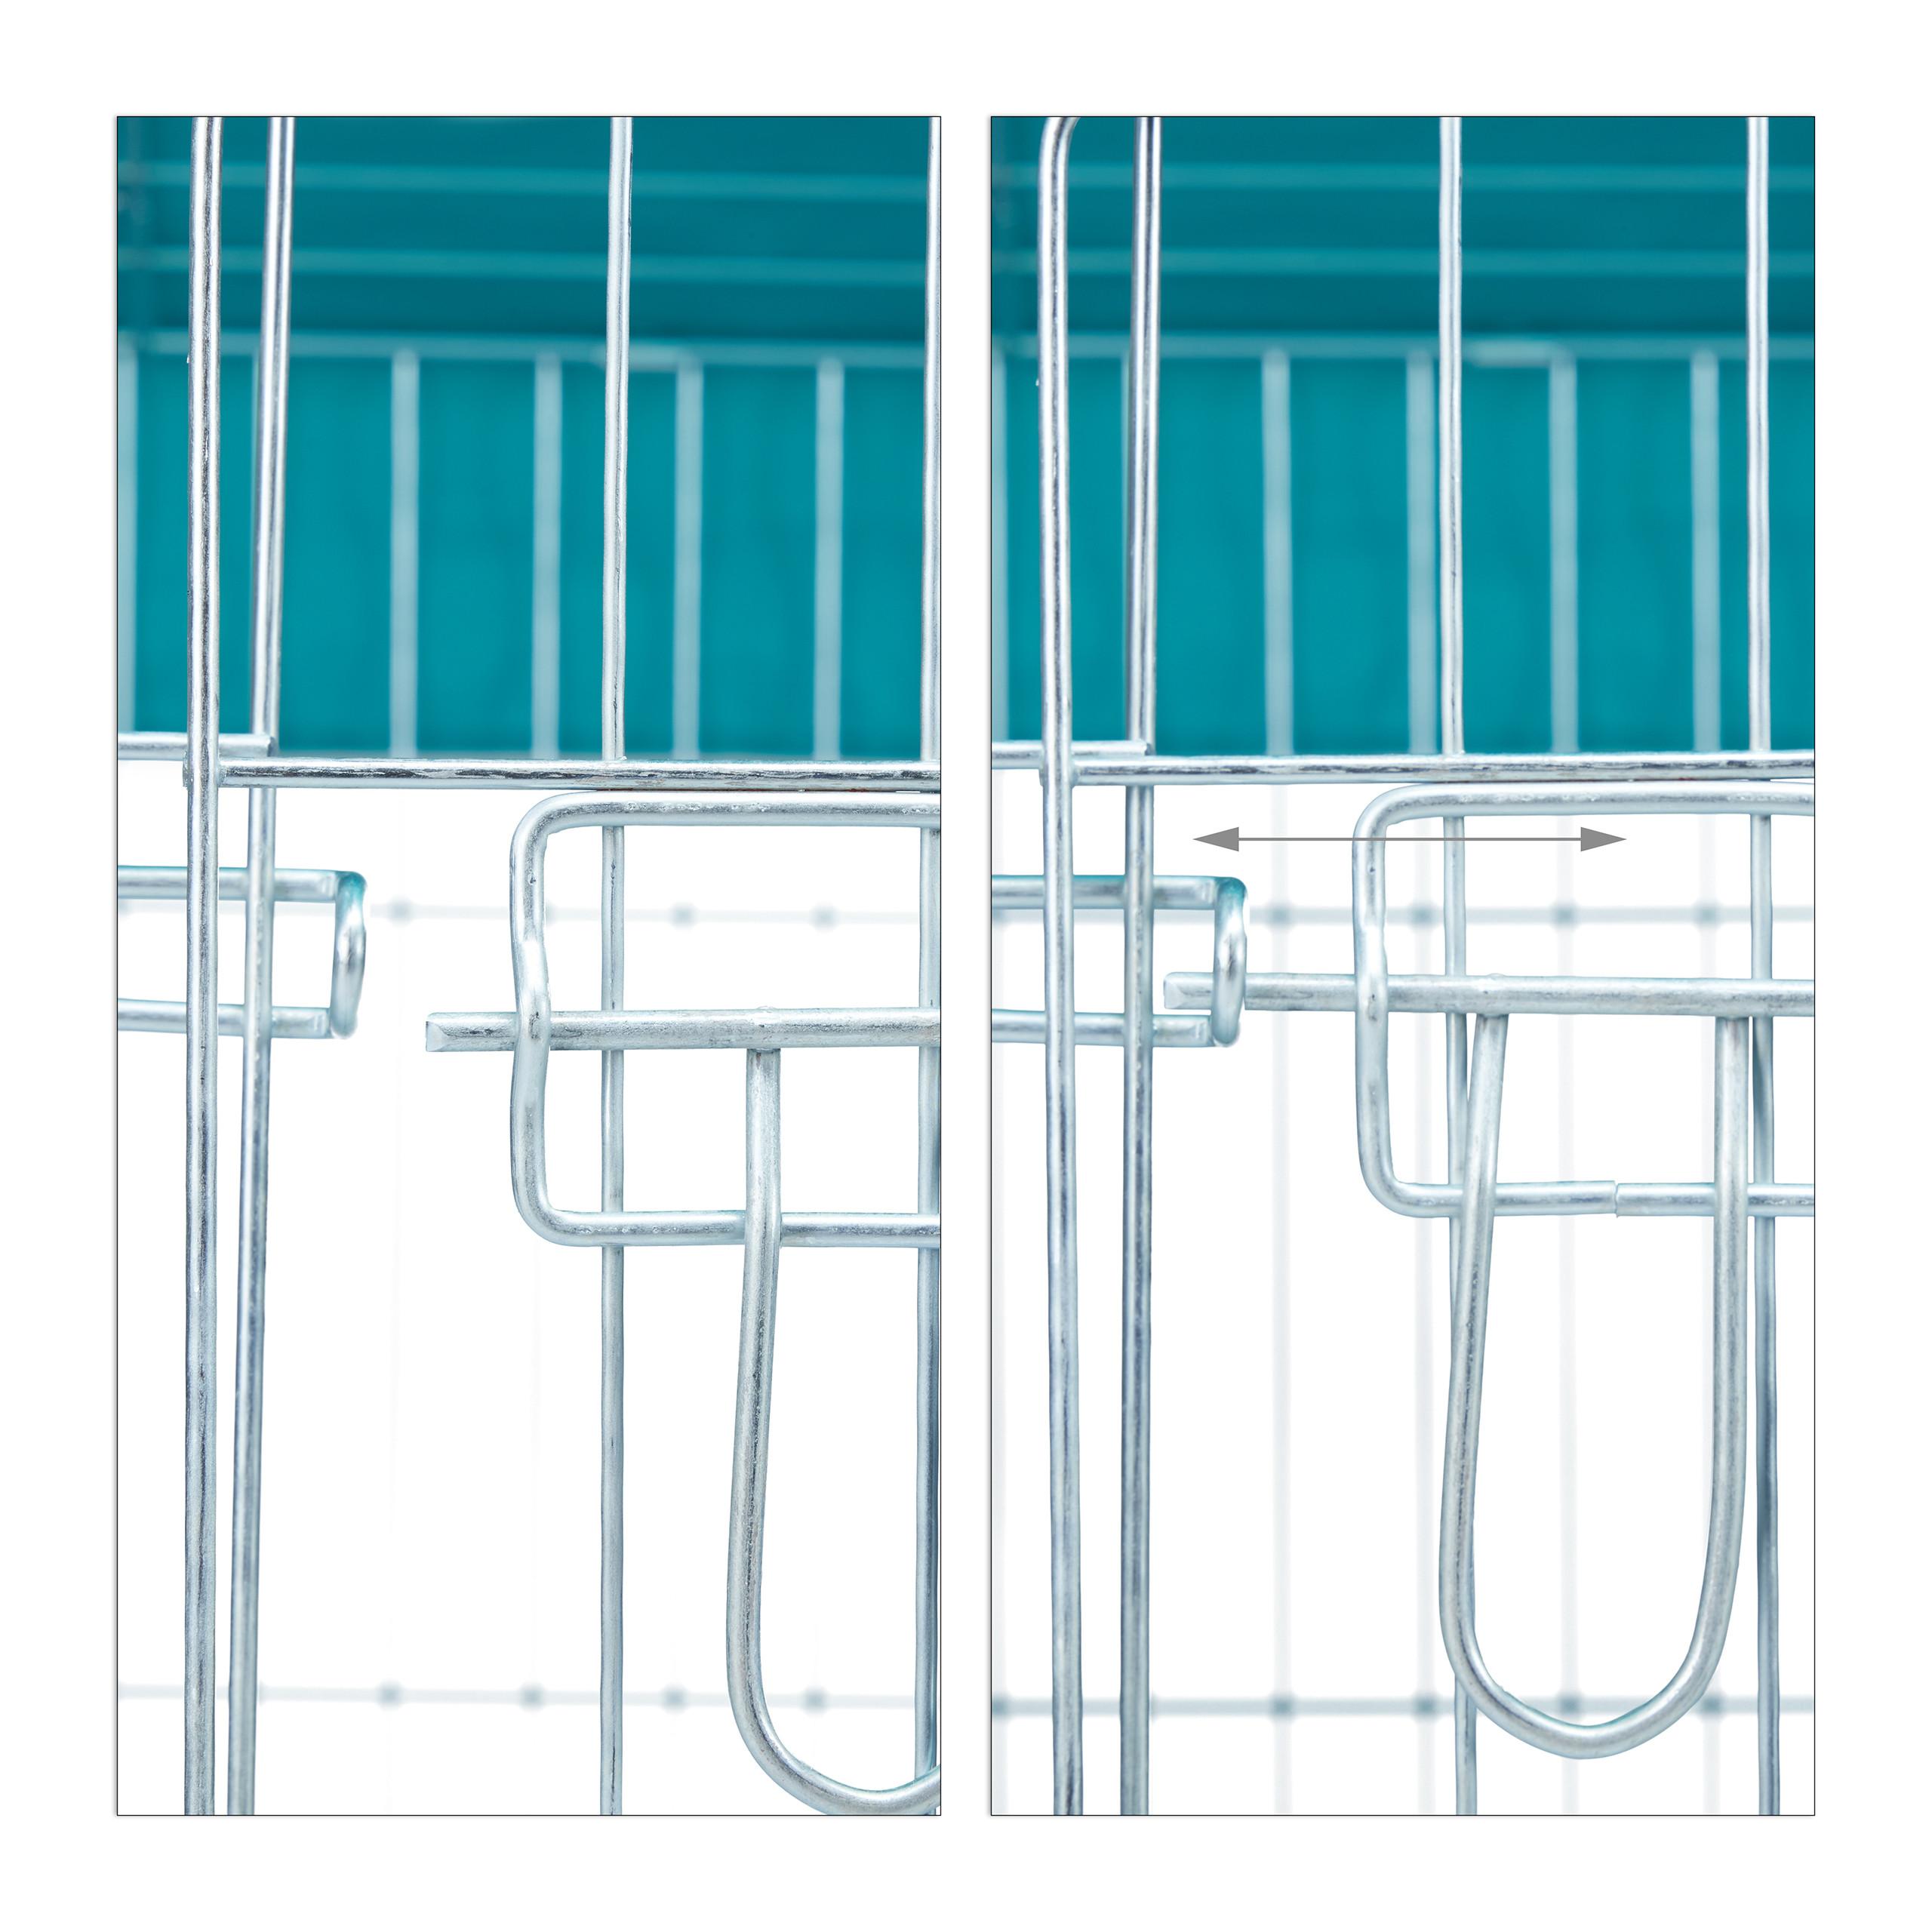 Freilaufgehege-Kaninchen-Huhner-Freigehege-Hasengehege-Huhnerauslauf-220cm-Stahl miniatuur 8